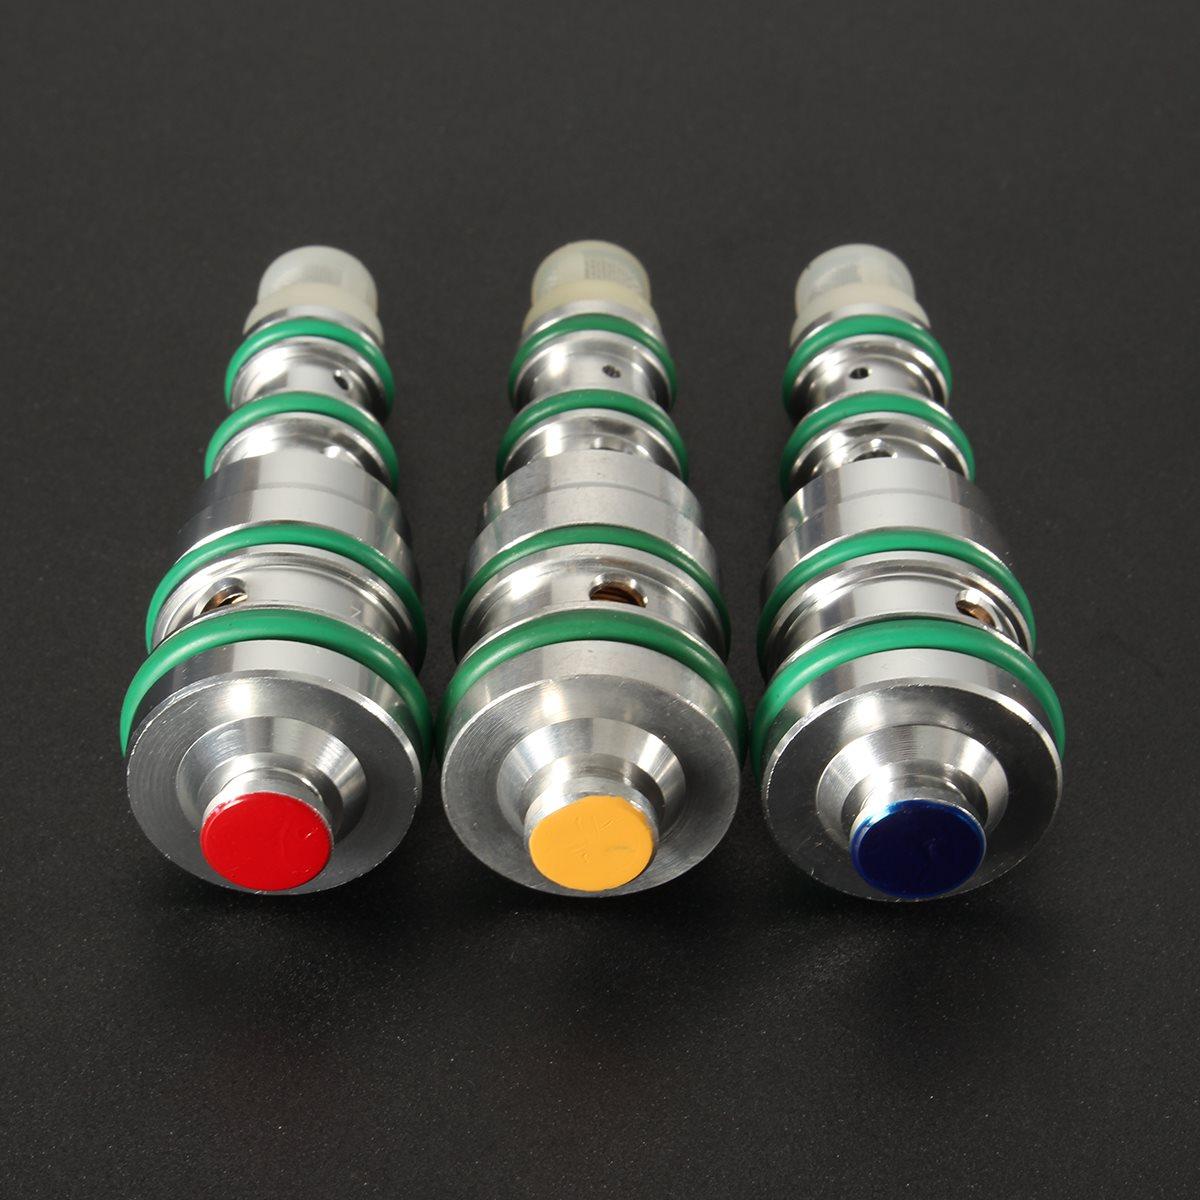 44Psi 42Psi 40Psi электромагнитный клапан управления для Buick Volkswagen VW, Opel DAEWOO peugeot V5 компрессор R12 R134a